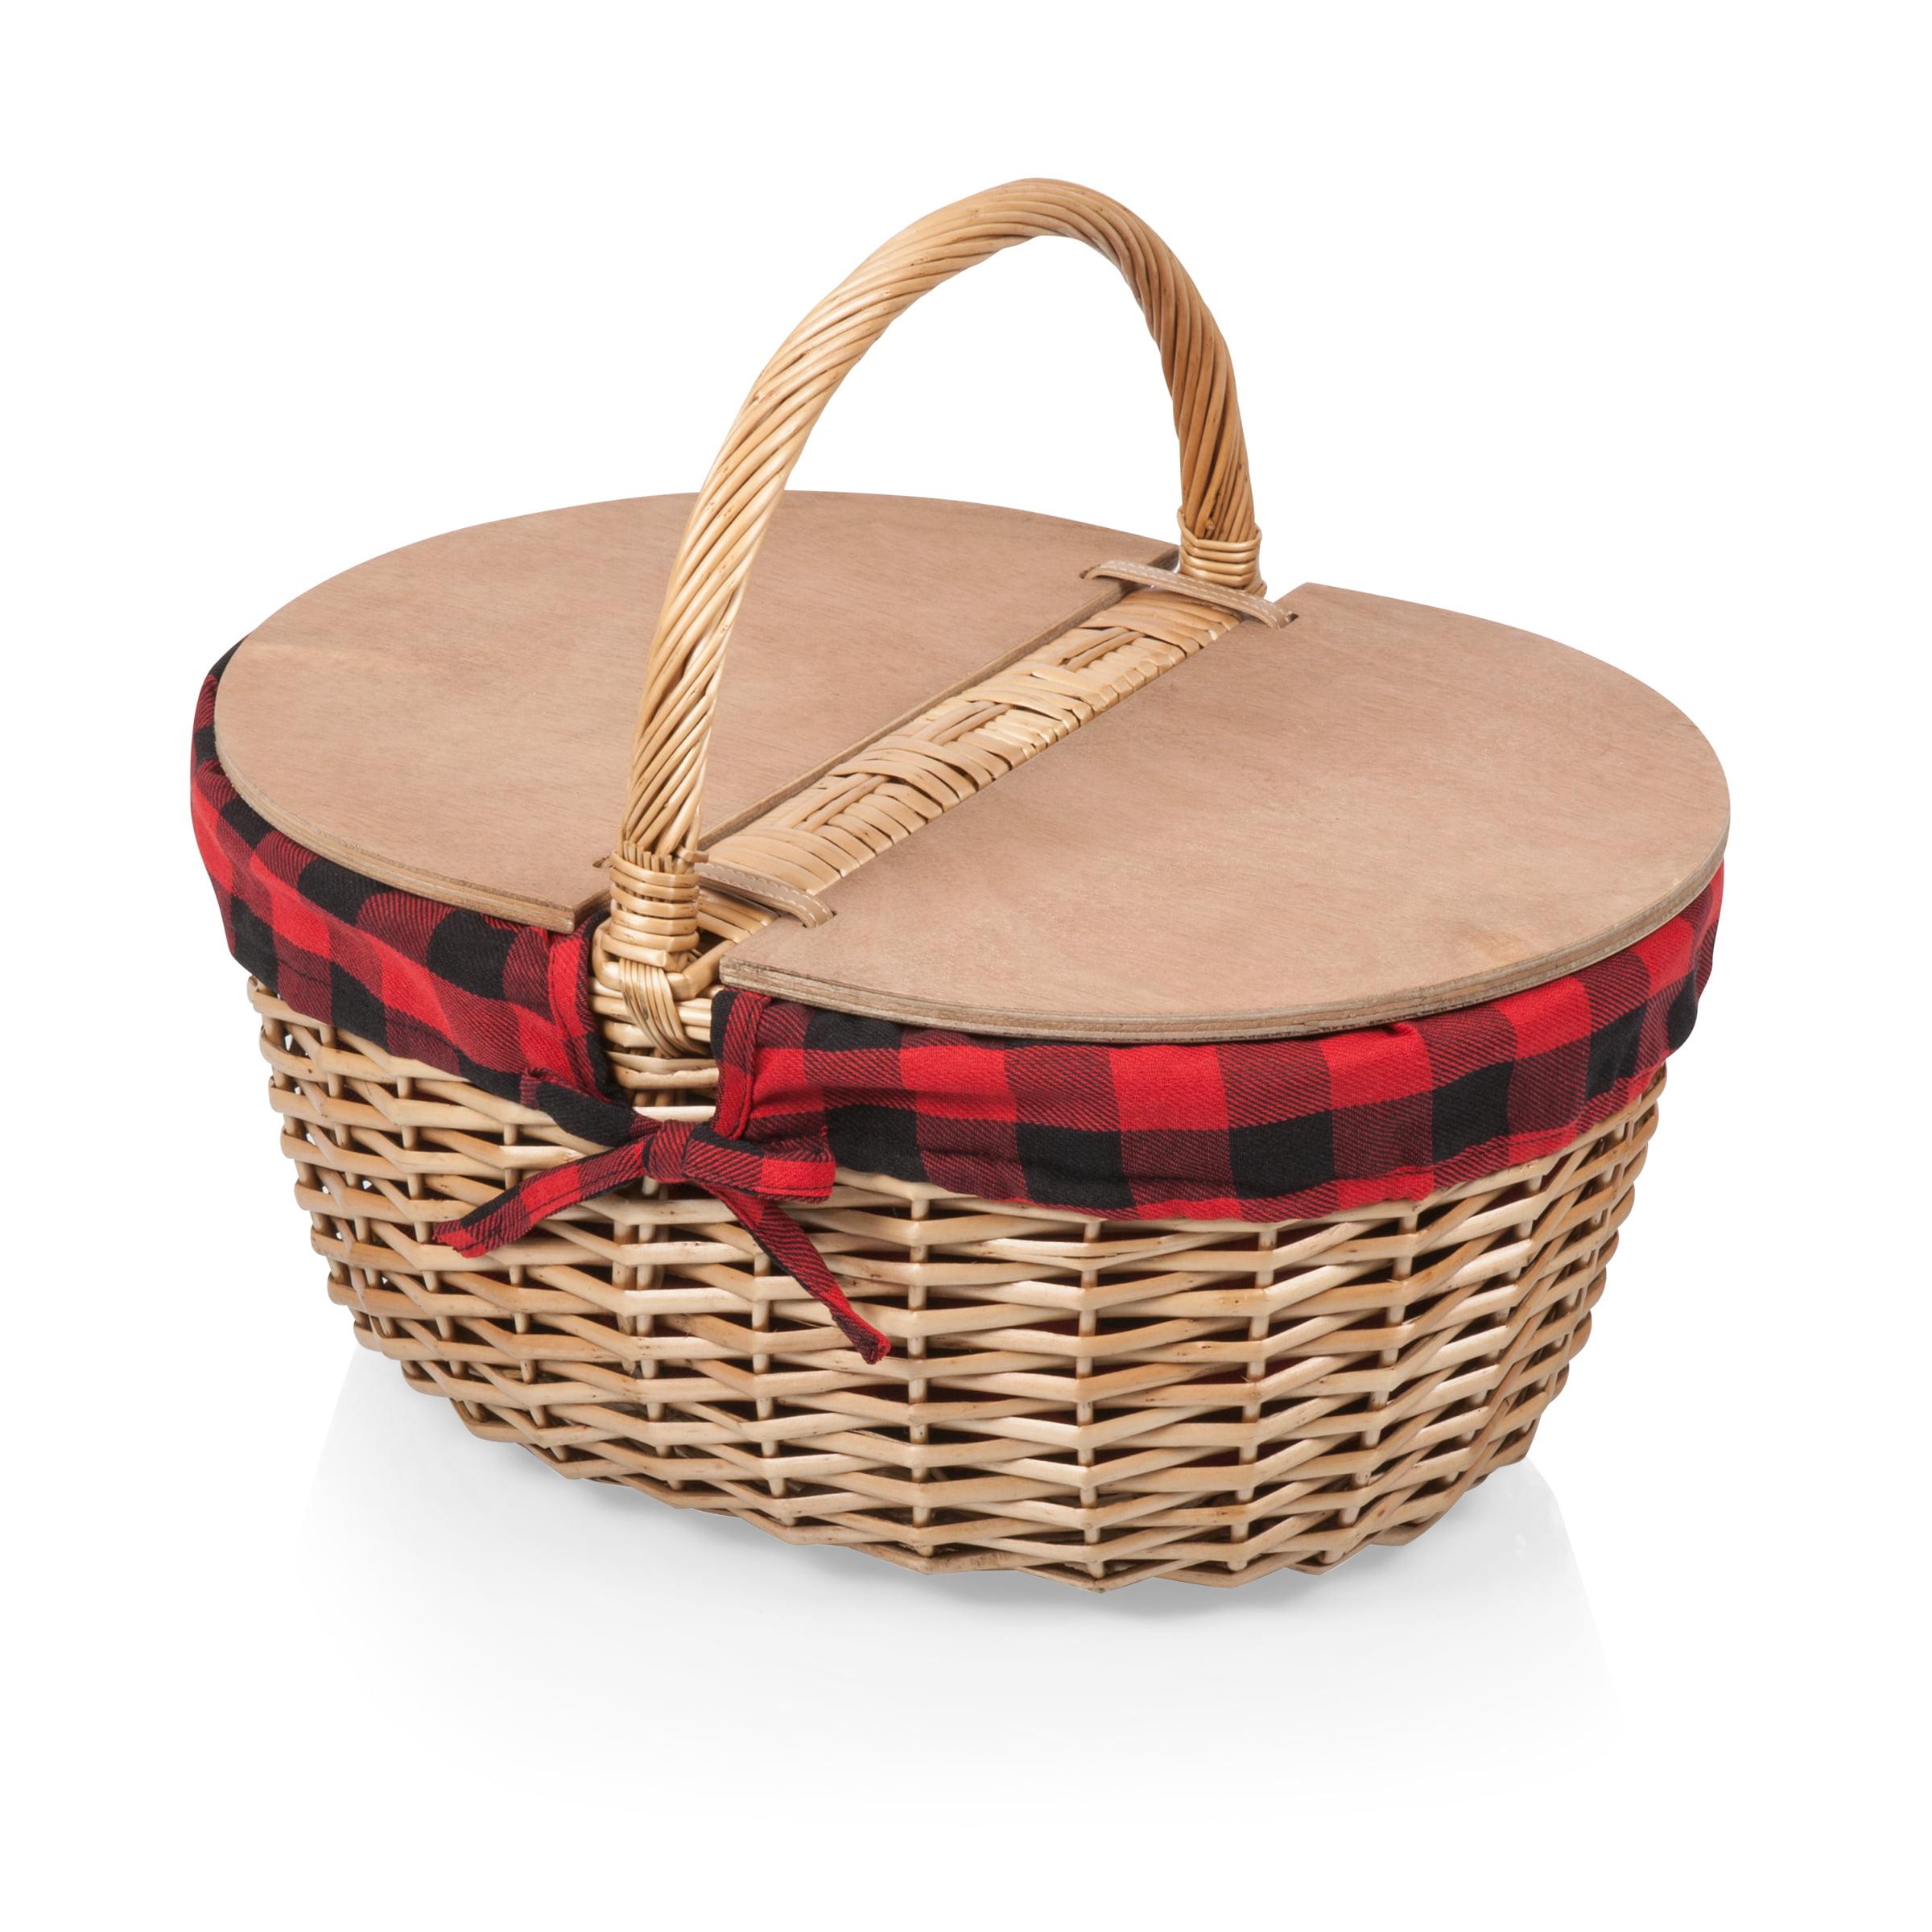 Country Picnic Basket Red Black Buffalo Plaid Walmart Com Walmart Com